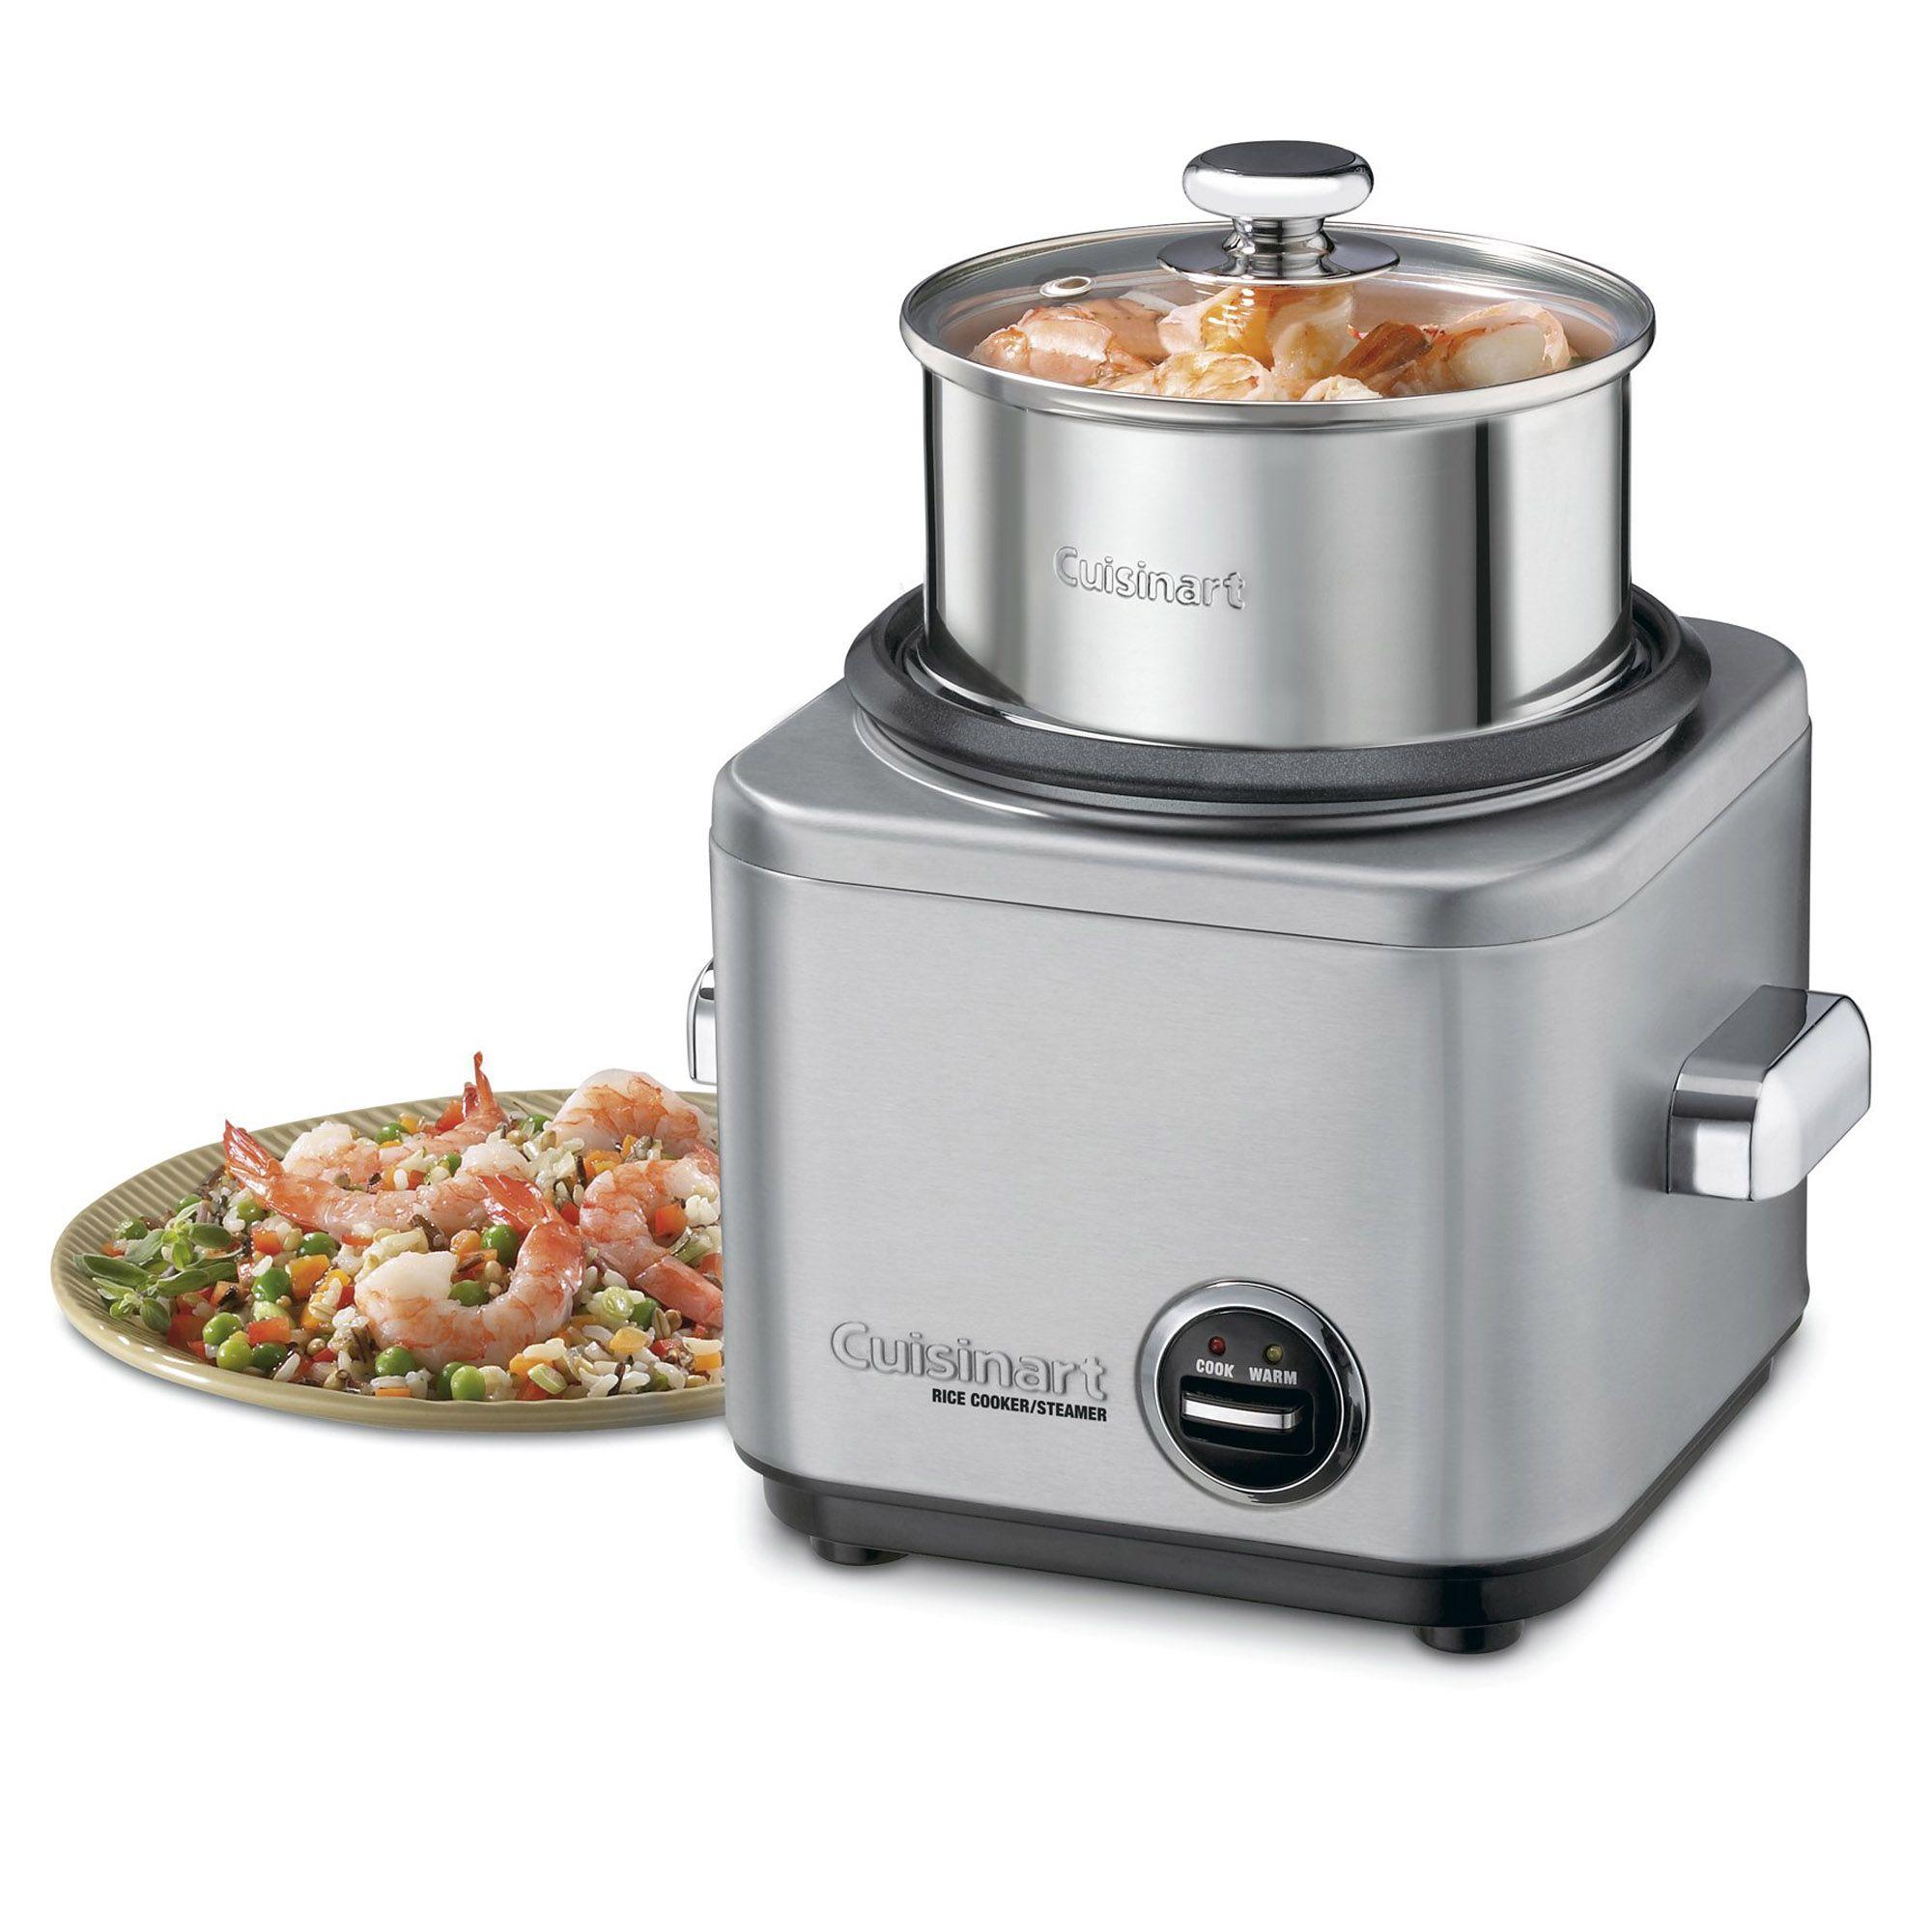 Cuociriso e cereali in acciaio inox per cottura a vapore - Cuisinart italia ...